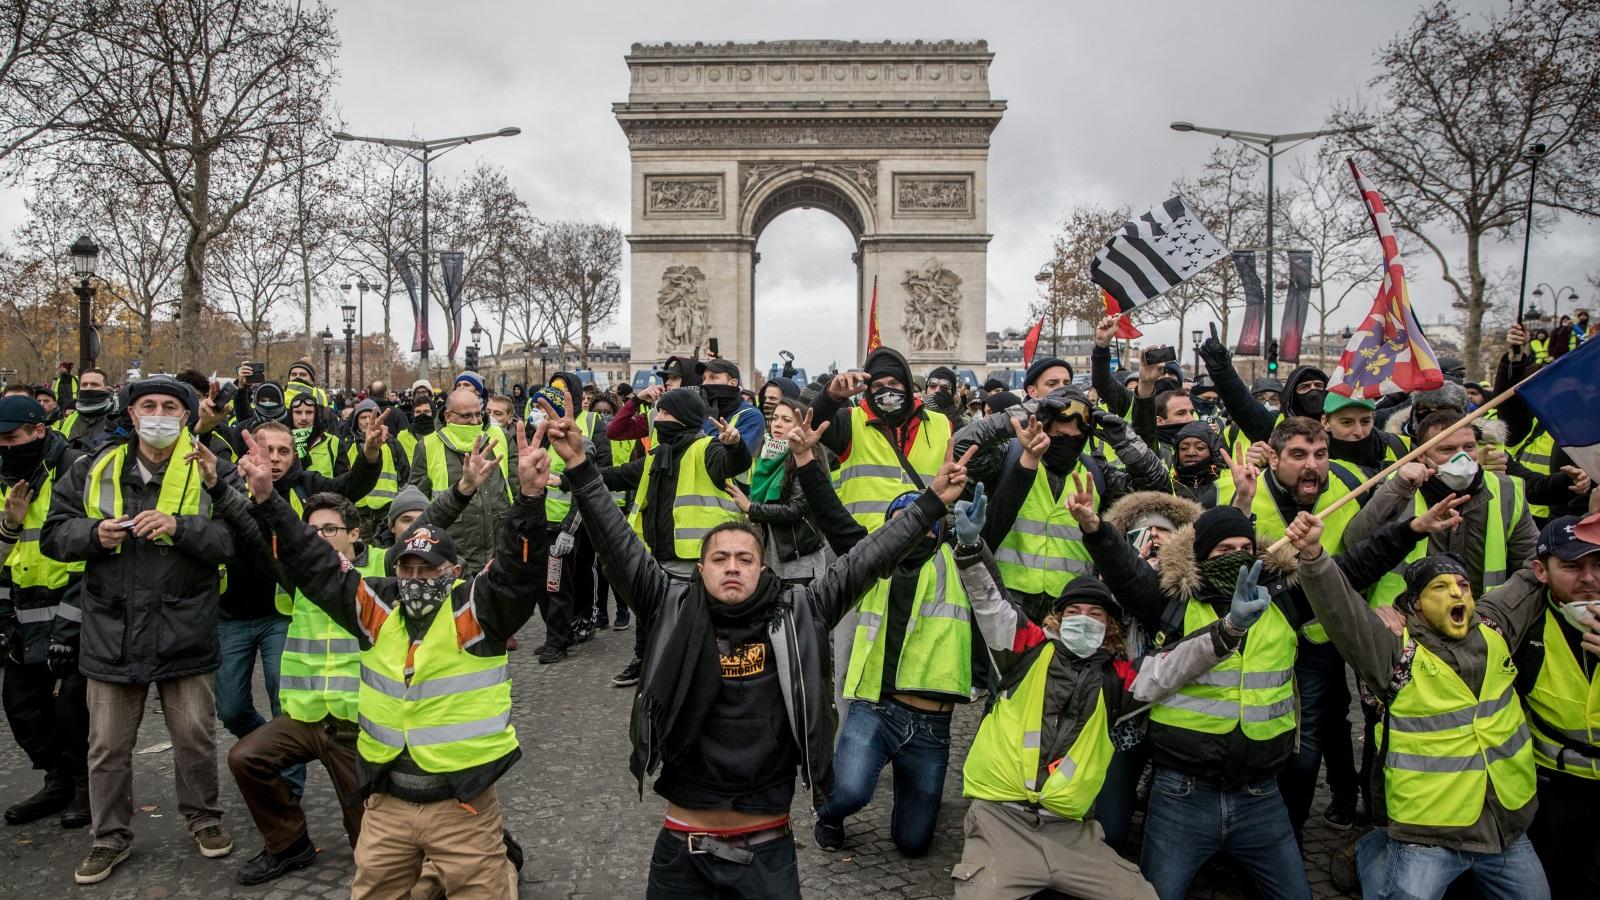 محتجو السترات الصفراء بفرنسا أرغموا الحكومة على التراجع عن فرض زيادة في الضرائب